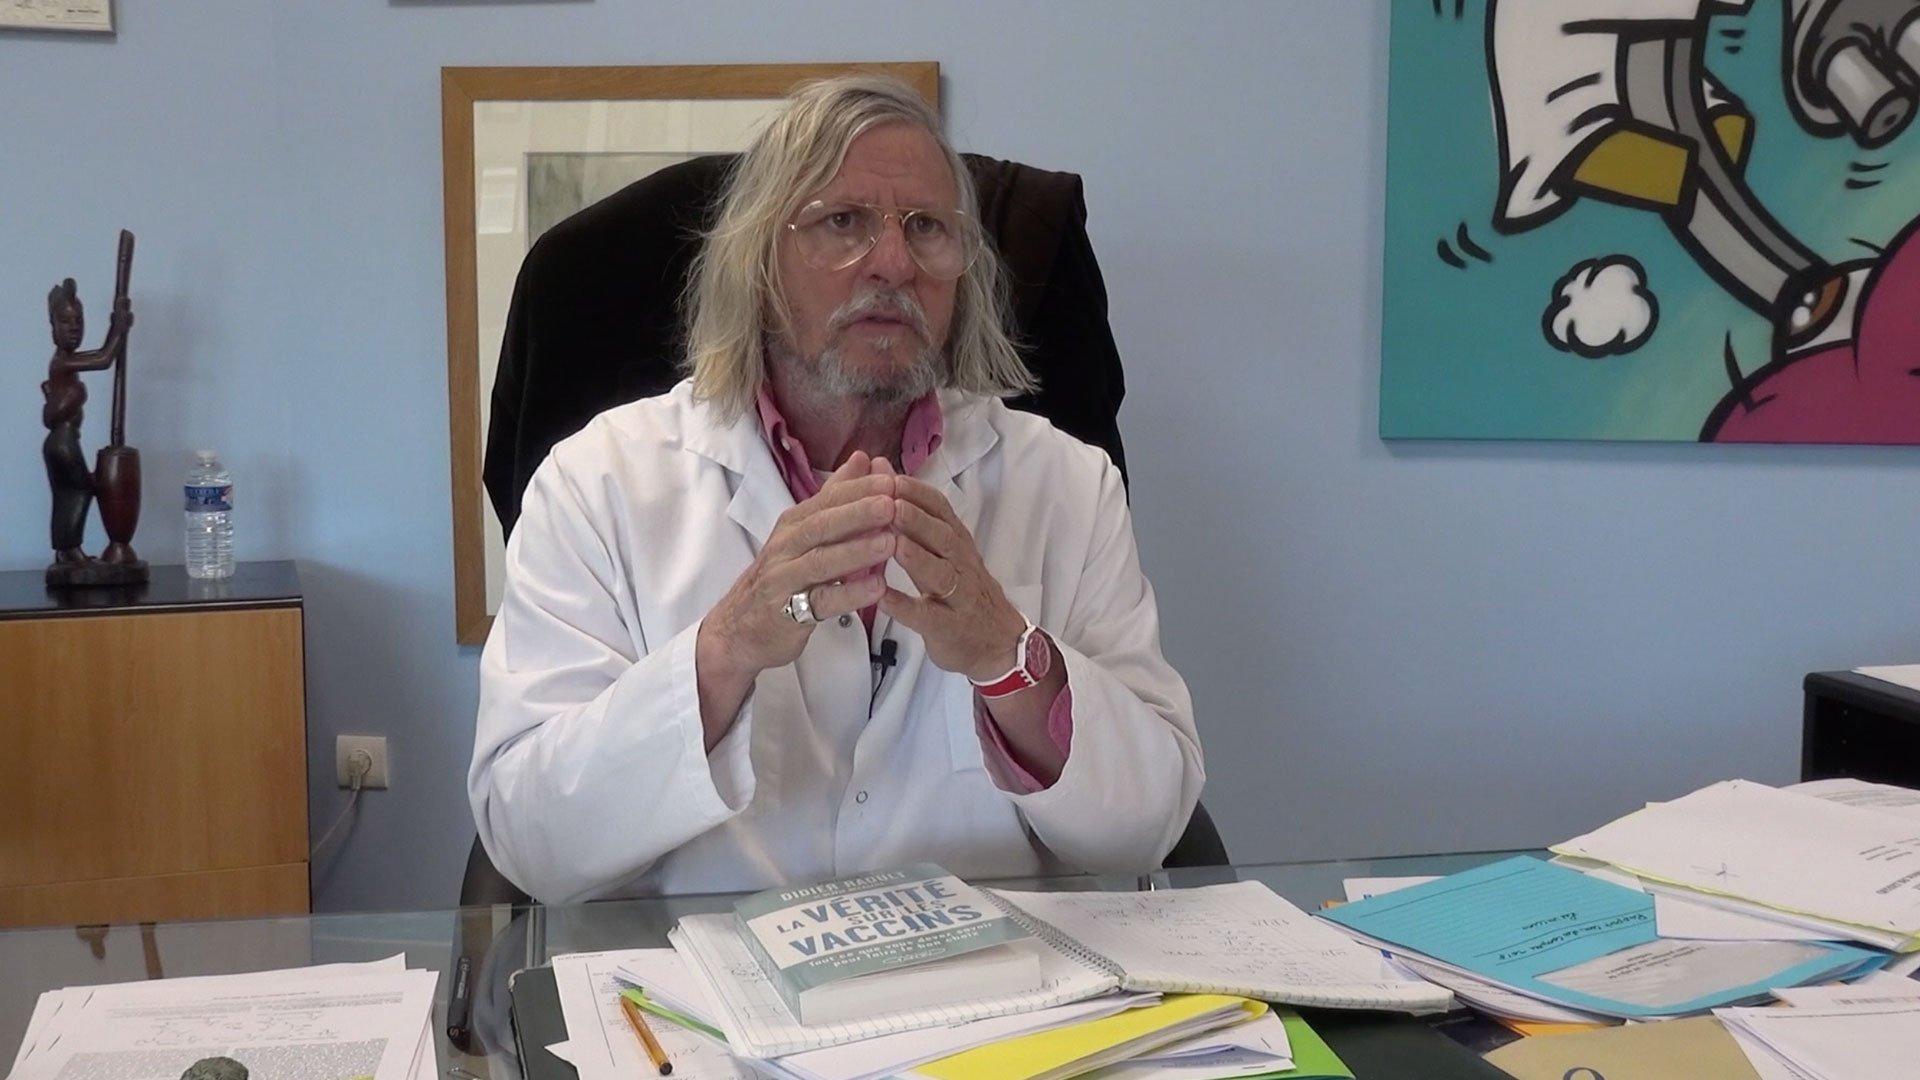 Portrait du médecin Didier Raoult, dans son cabinet.